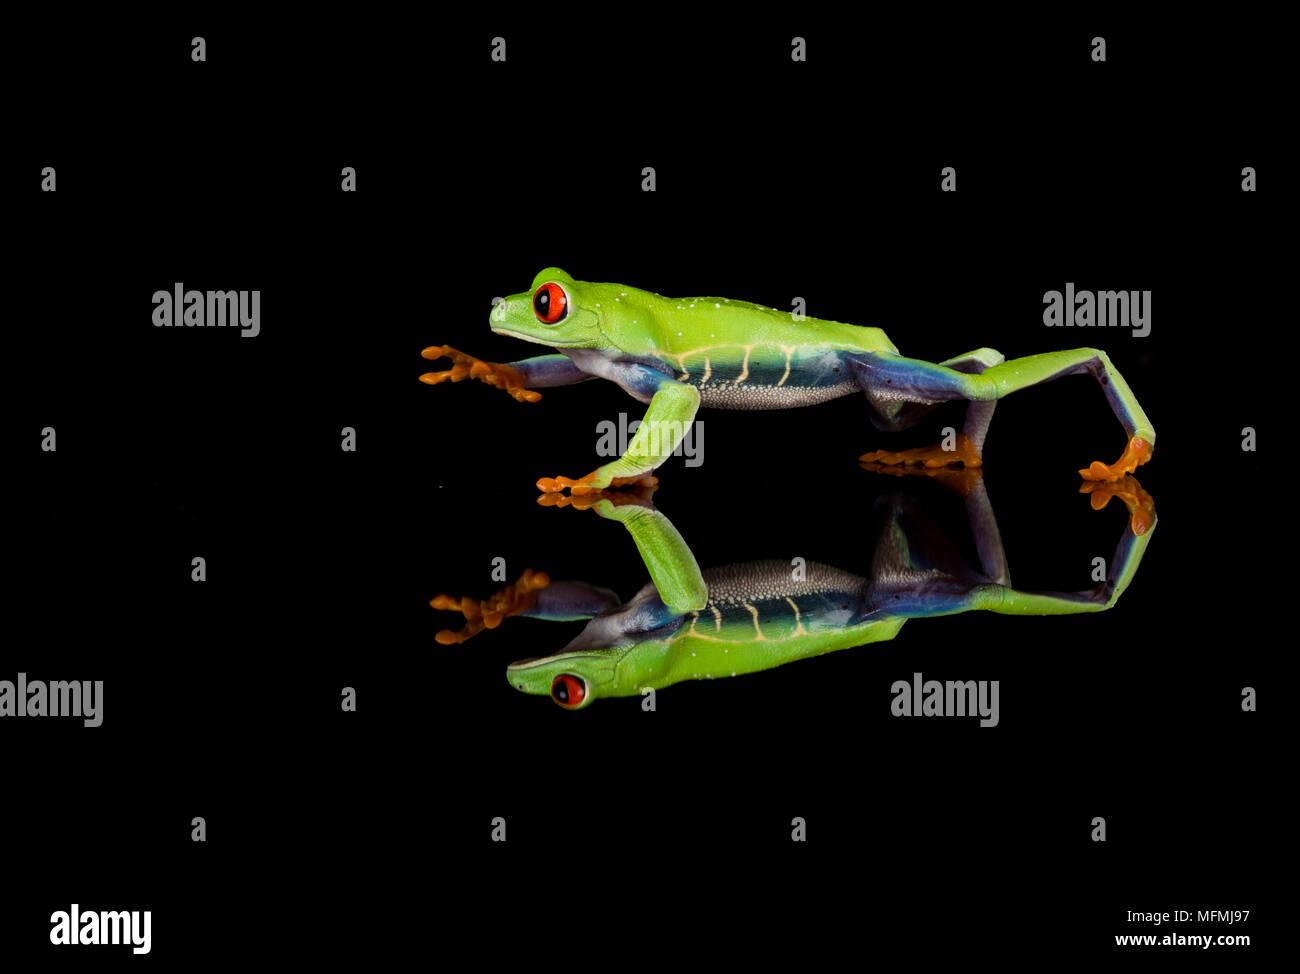 Ojos rojos Ojos rojos Tree Frog reflejado en un ajuste de estudio Imagen De Stock